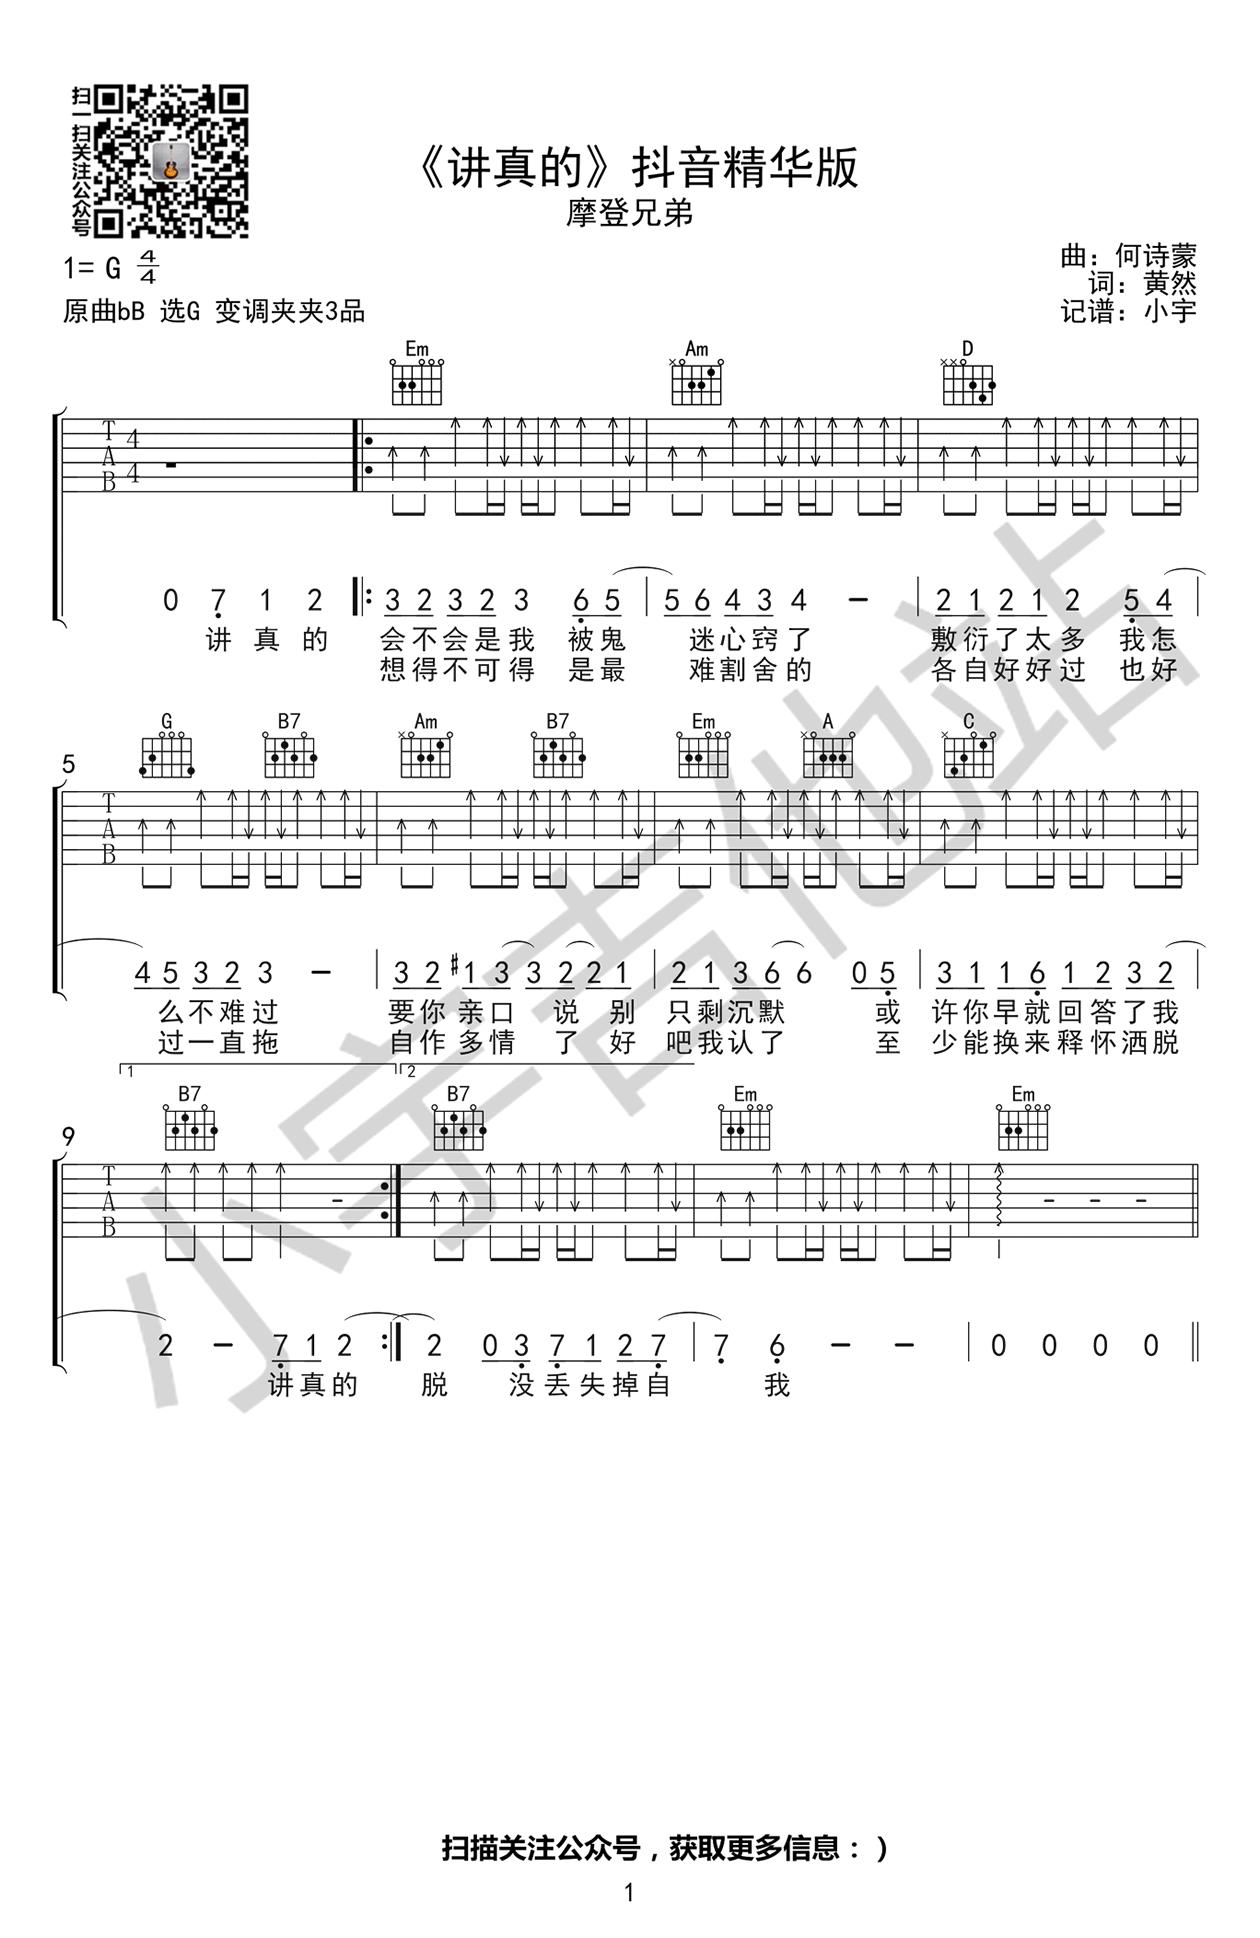 講真的-摩登兄弟-图片吉他谱-1